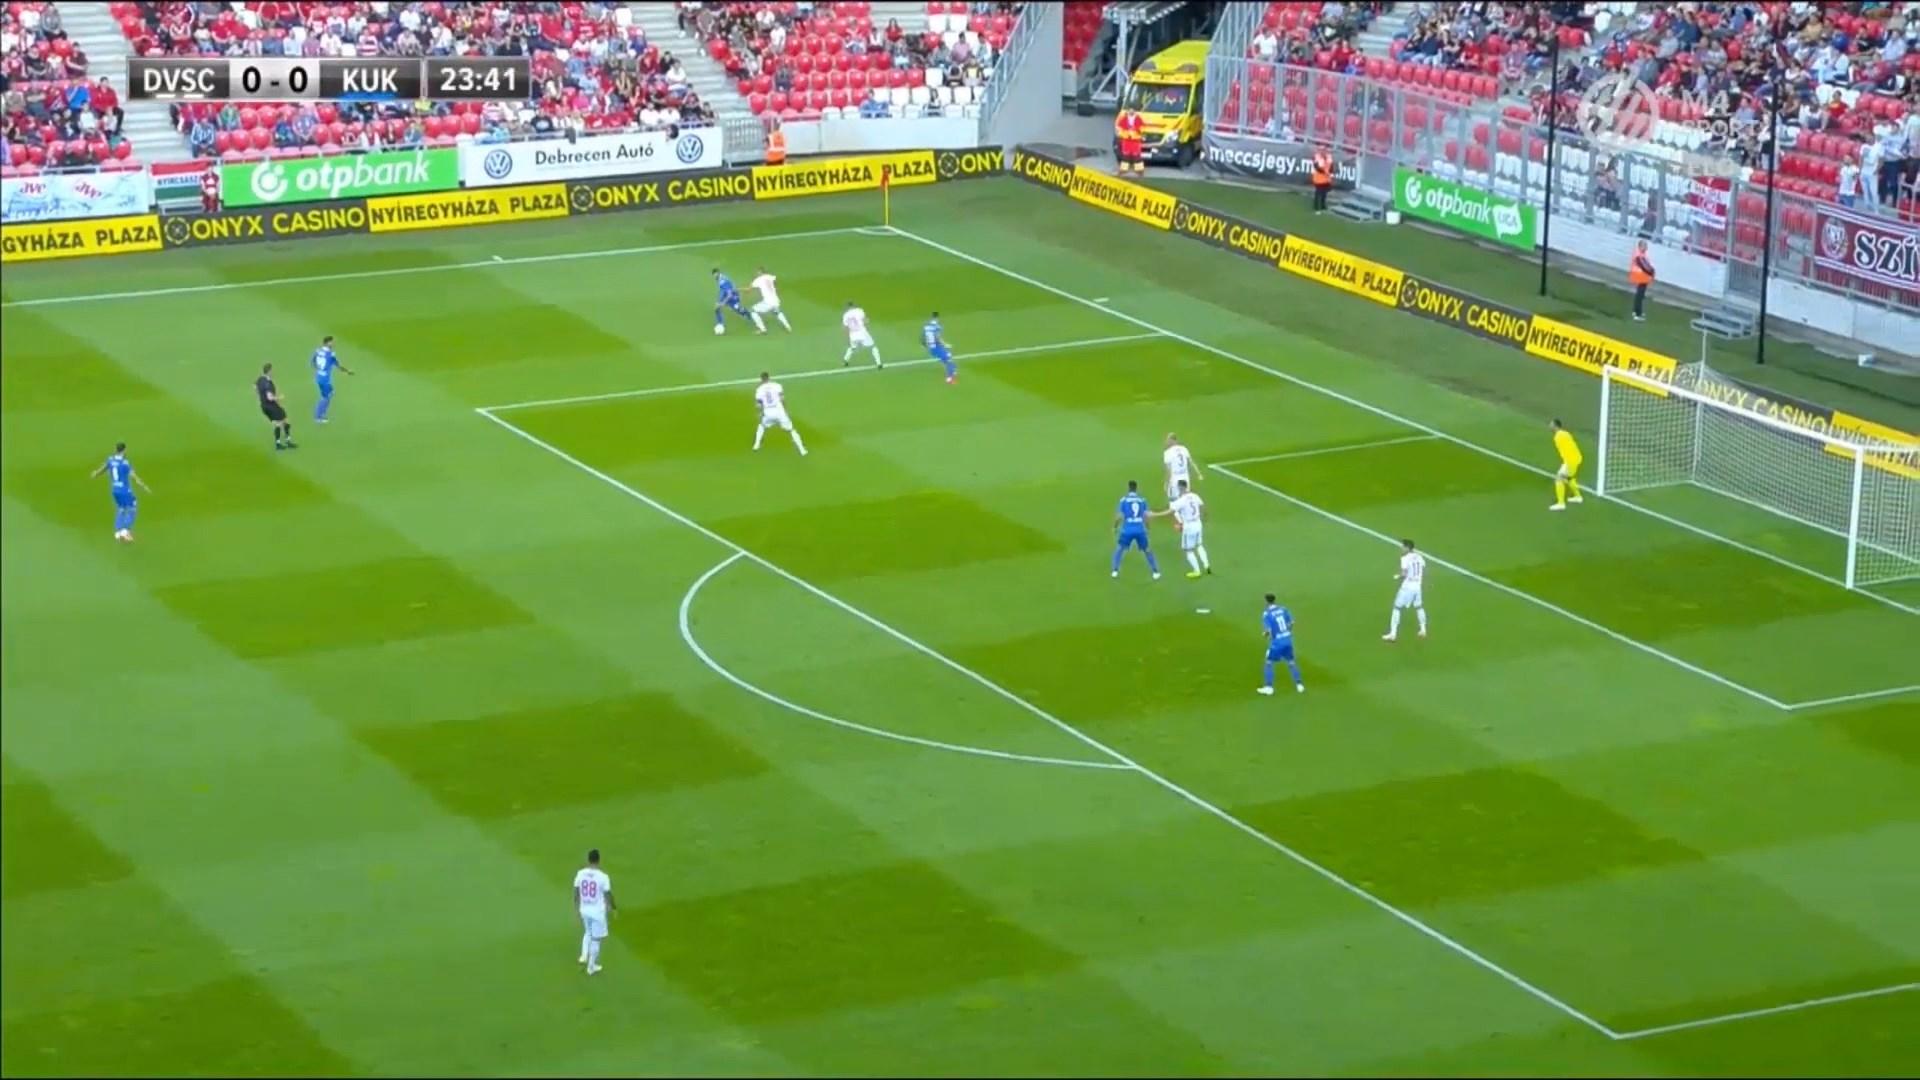 Skuadra e Kukësit u mposht me rezultatin 3-0 ndaj Debrecen